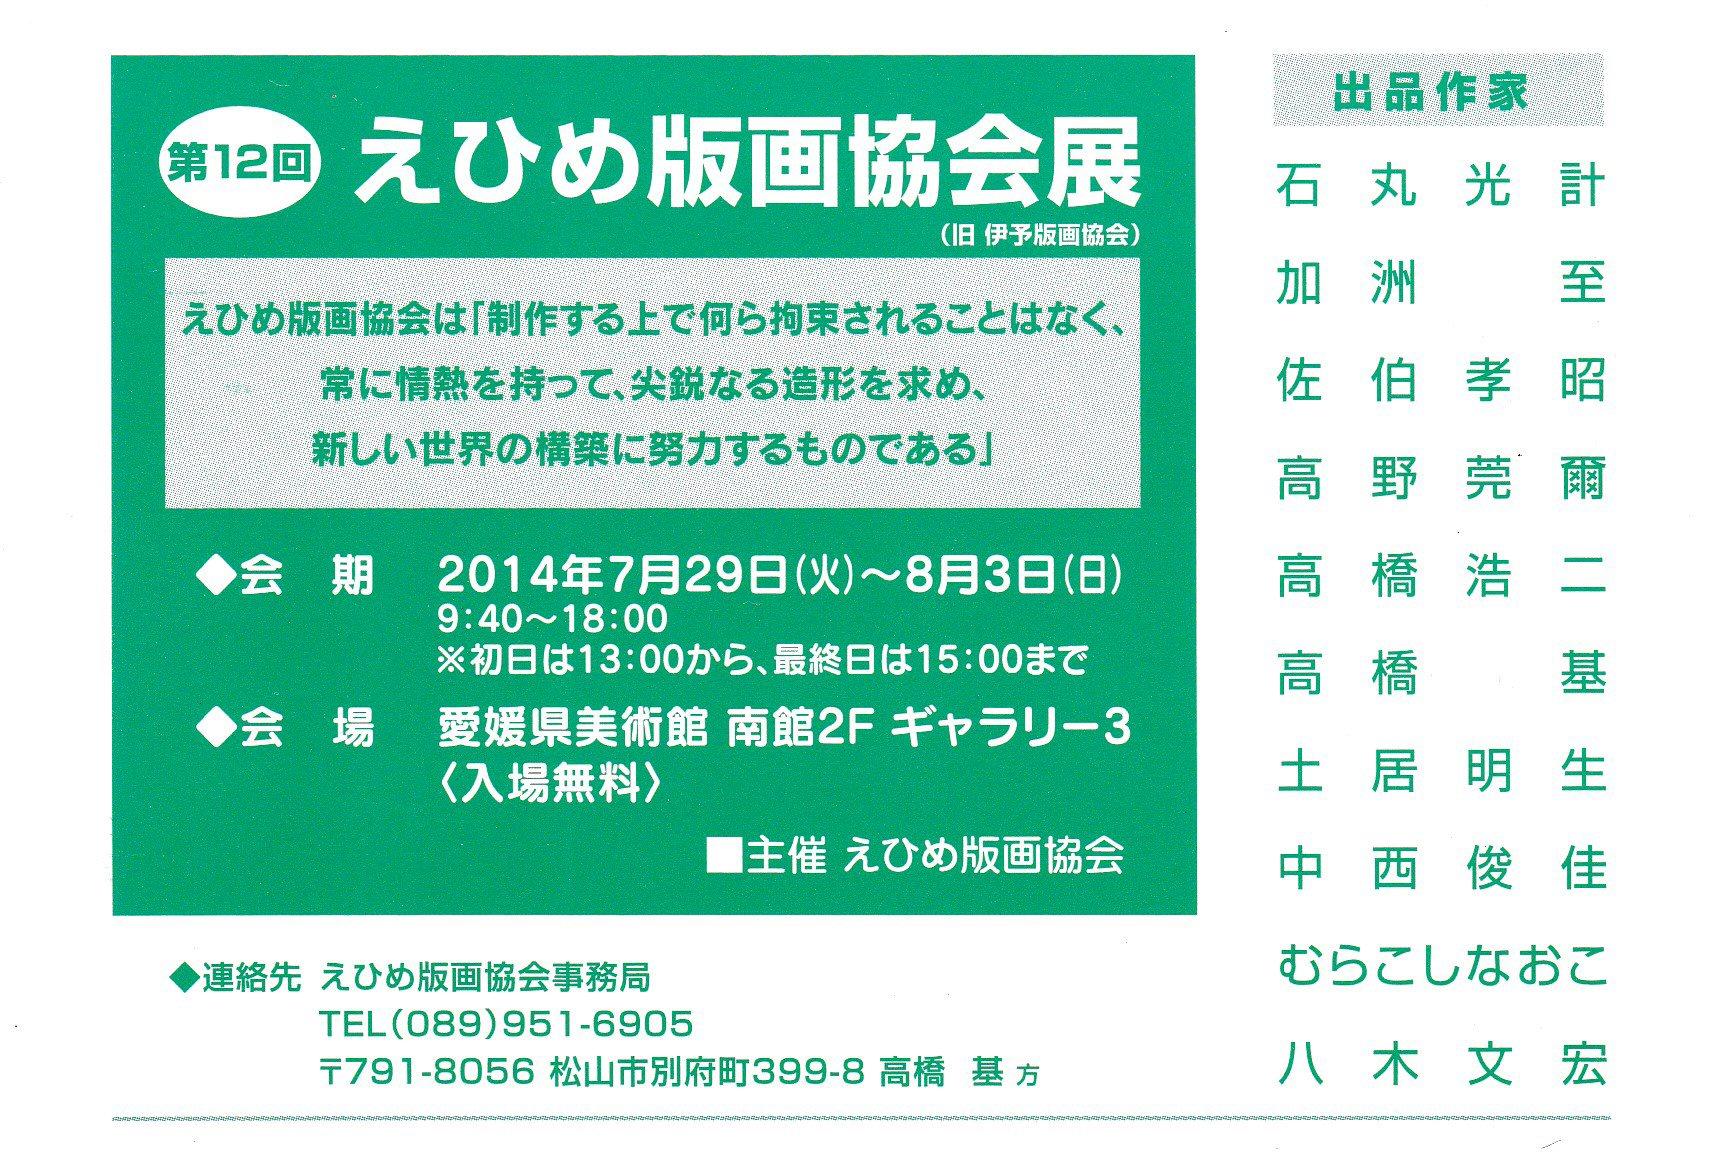 第12回えひめ版画協会展